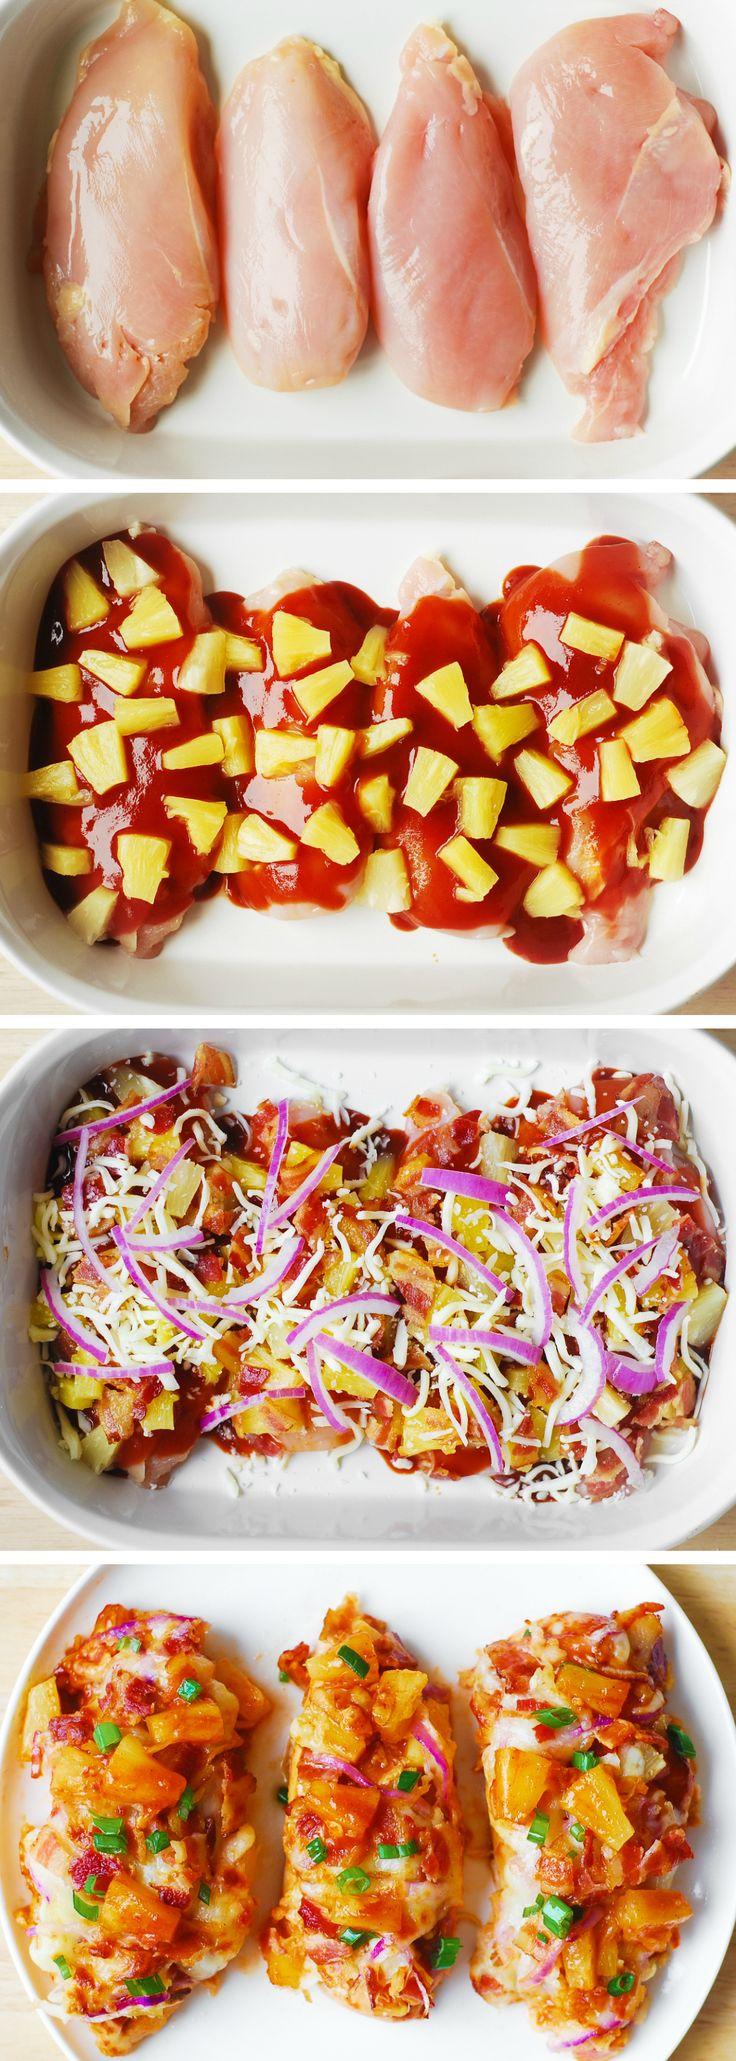 Bacon BBQ Pineapple Chicken Bake #chicken #bake